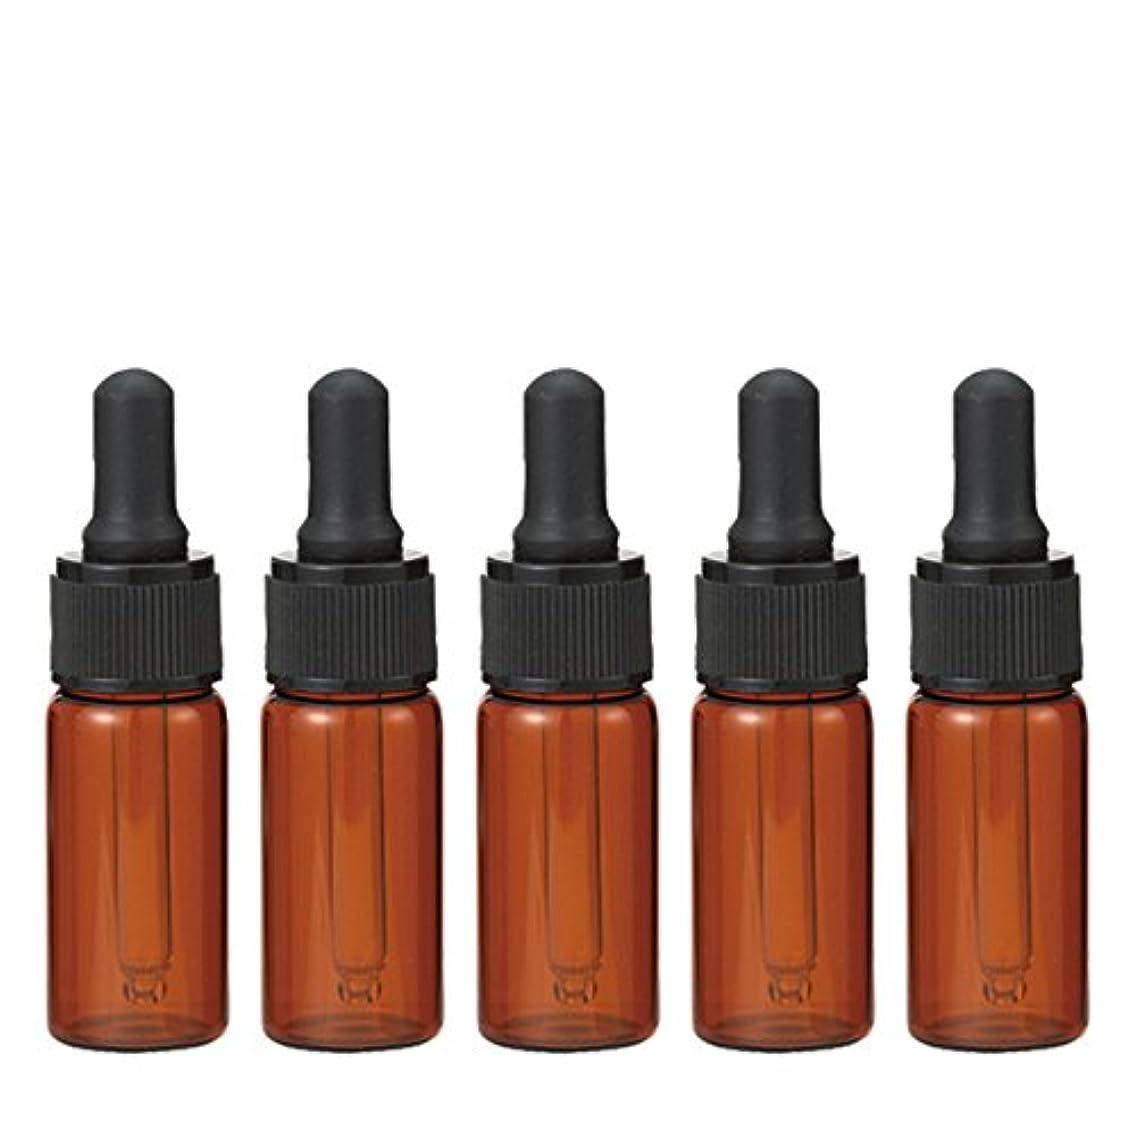 良性法廷パブ生活の木 茶色遮光スポイト瓶 10ml (5本セット)